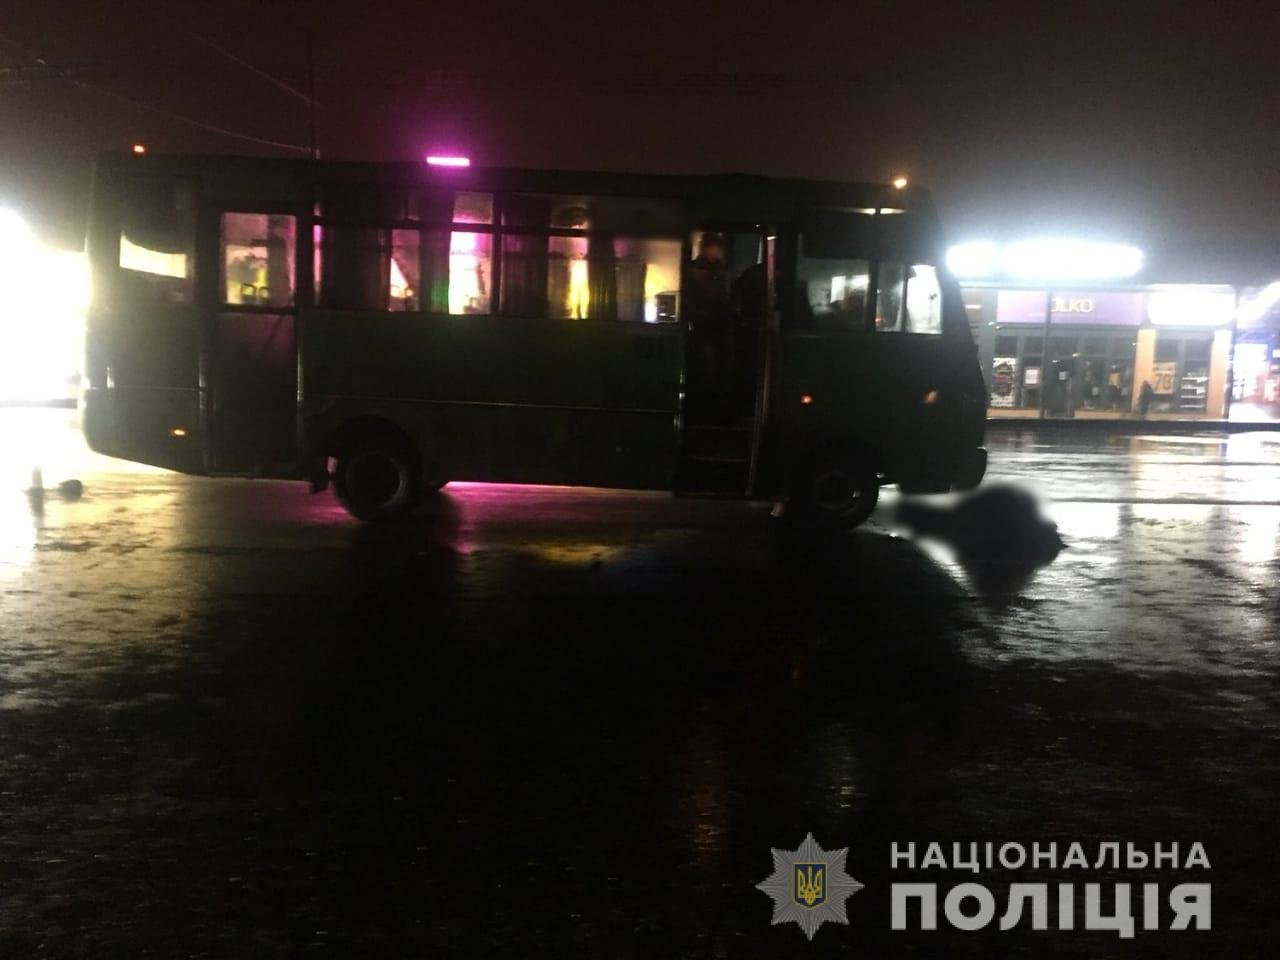 В Харькове пассажир погиб под колесами маршрутного автобуса, - ФОТО, фото-2